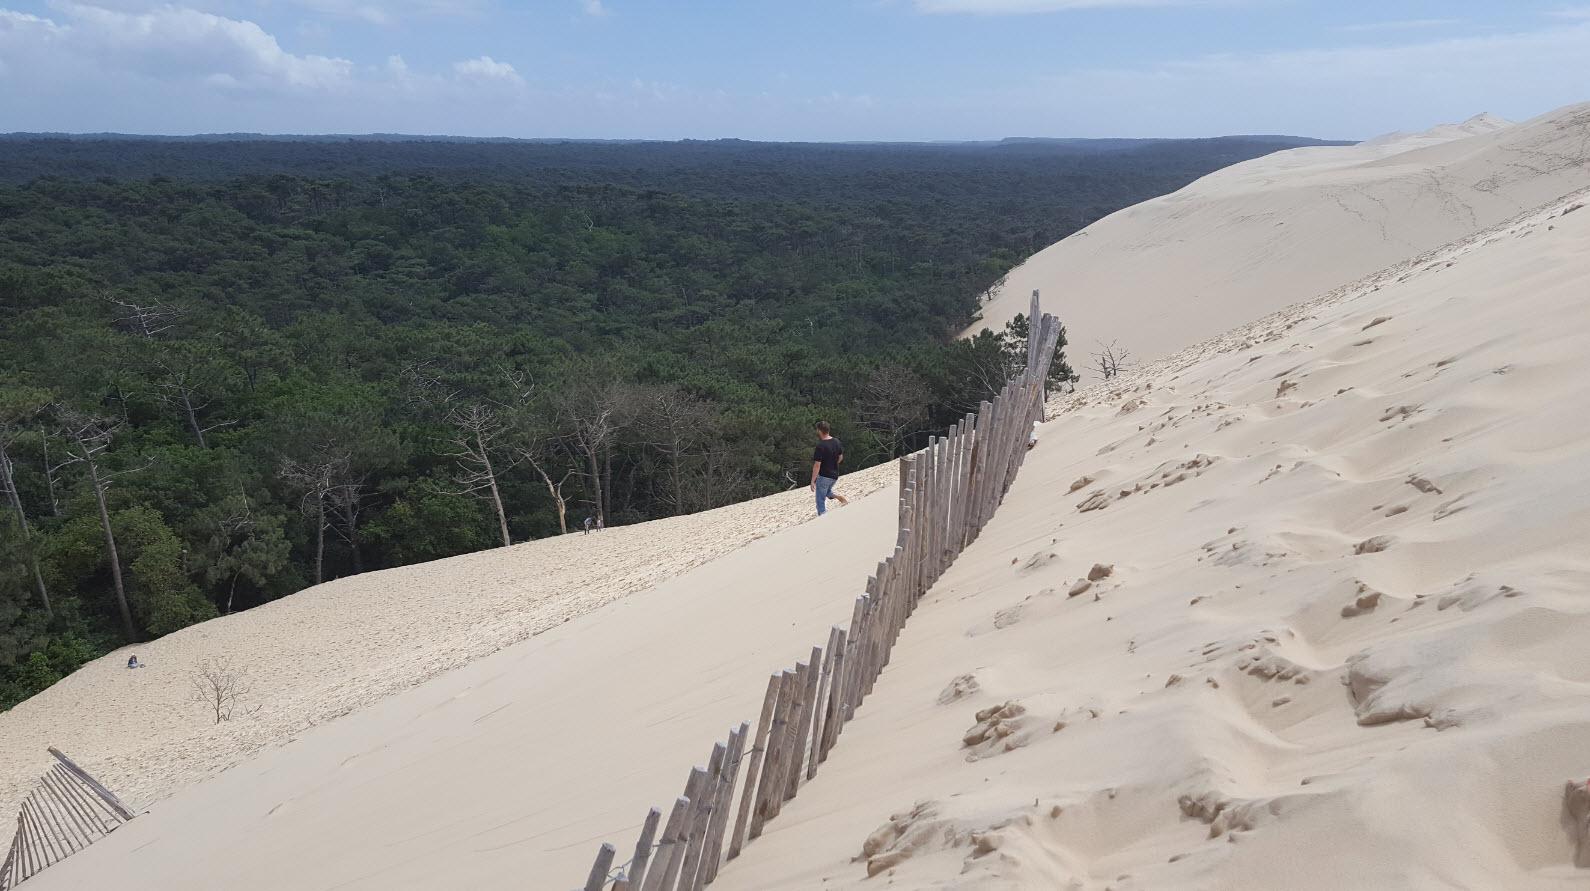 Se laisser glisser dans le sable